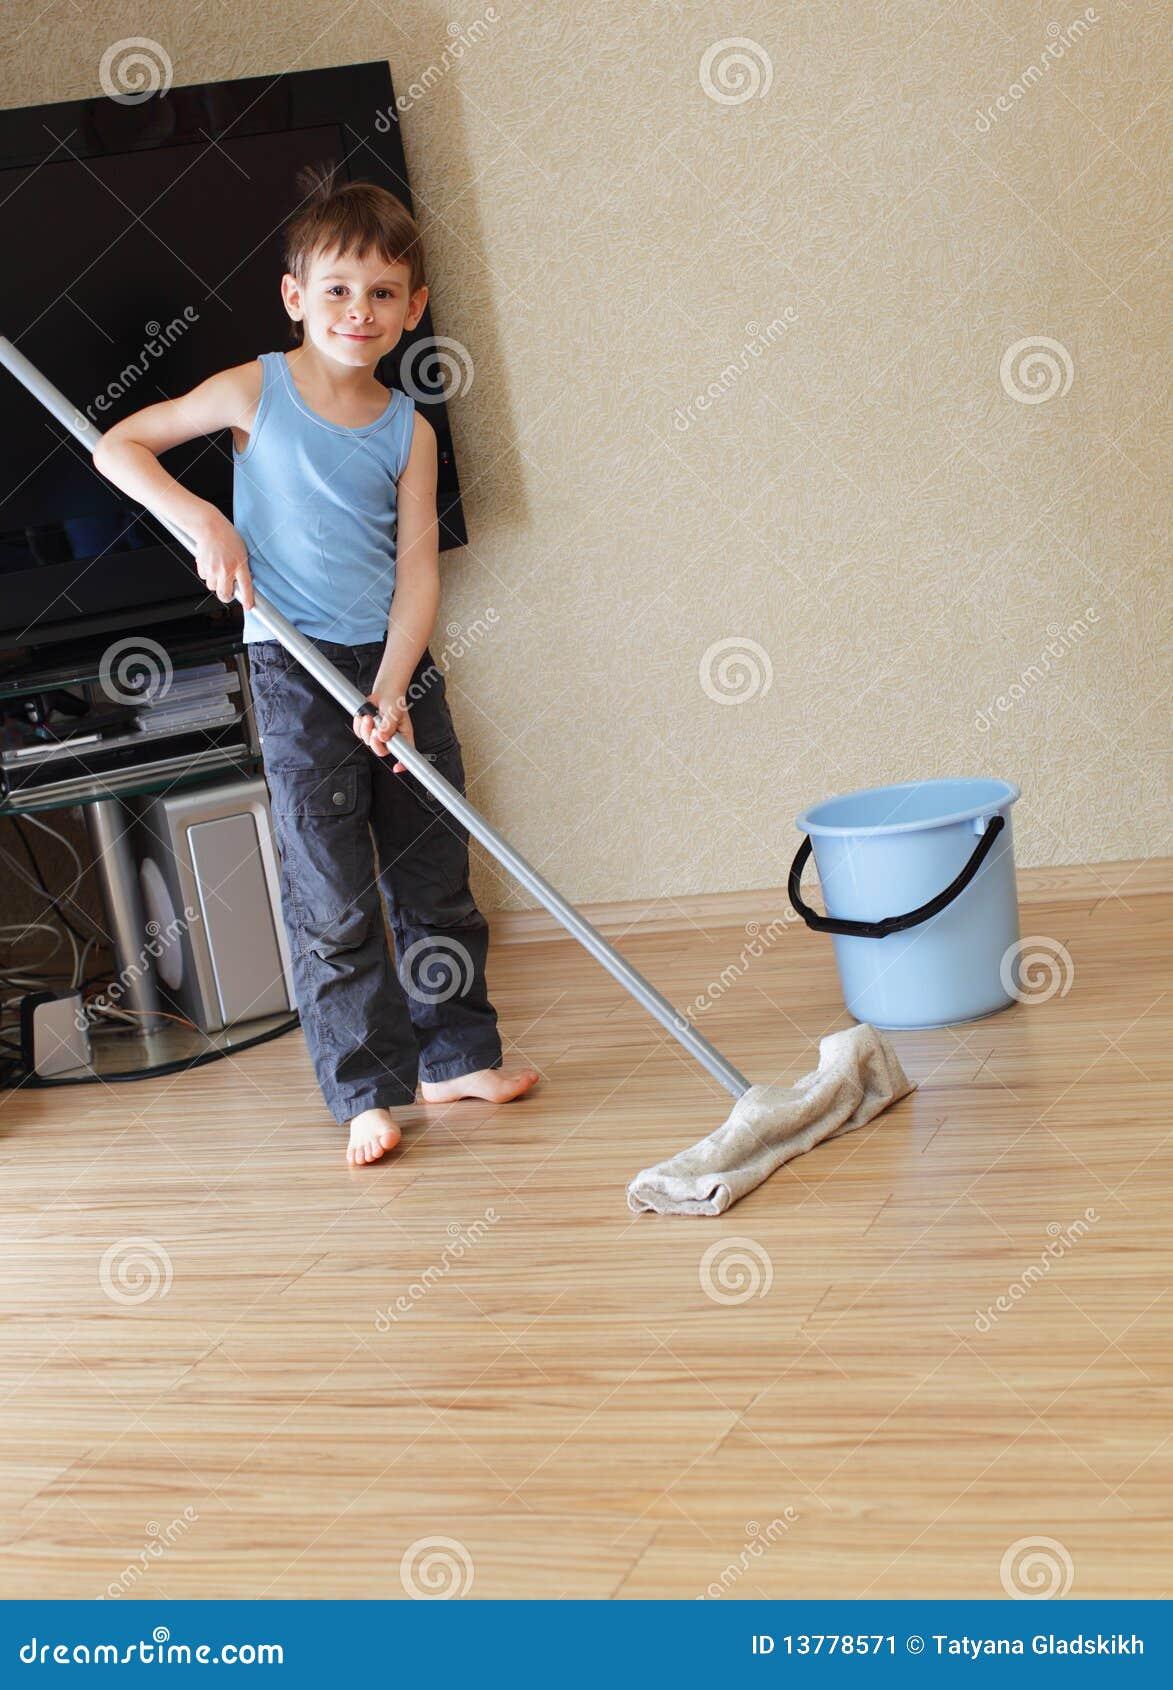 Child Washing Floor Stock Image Image Of Adolescence